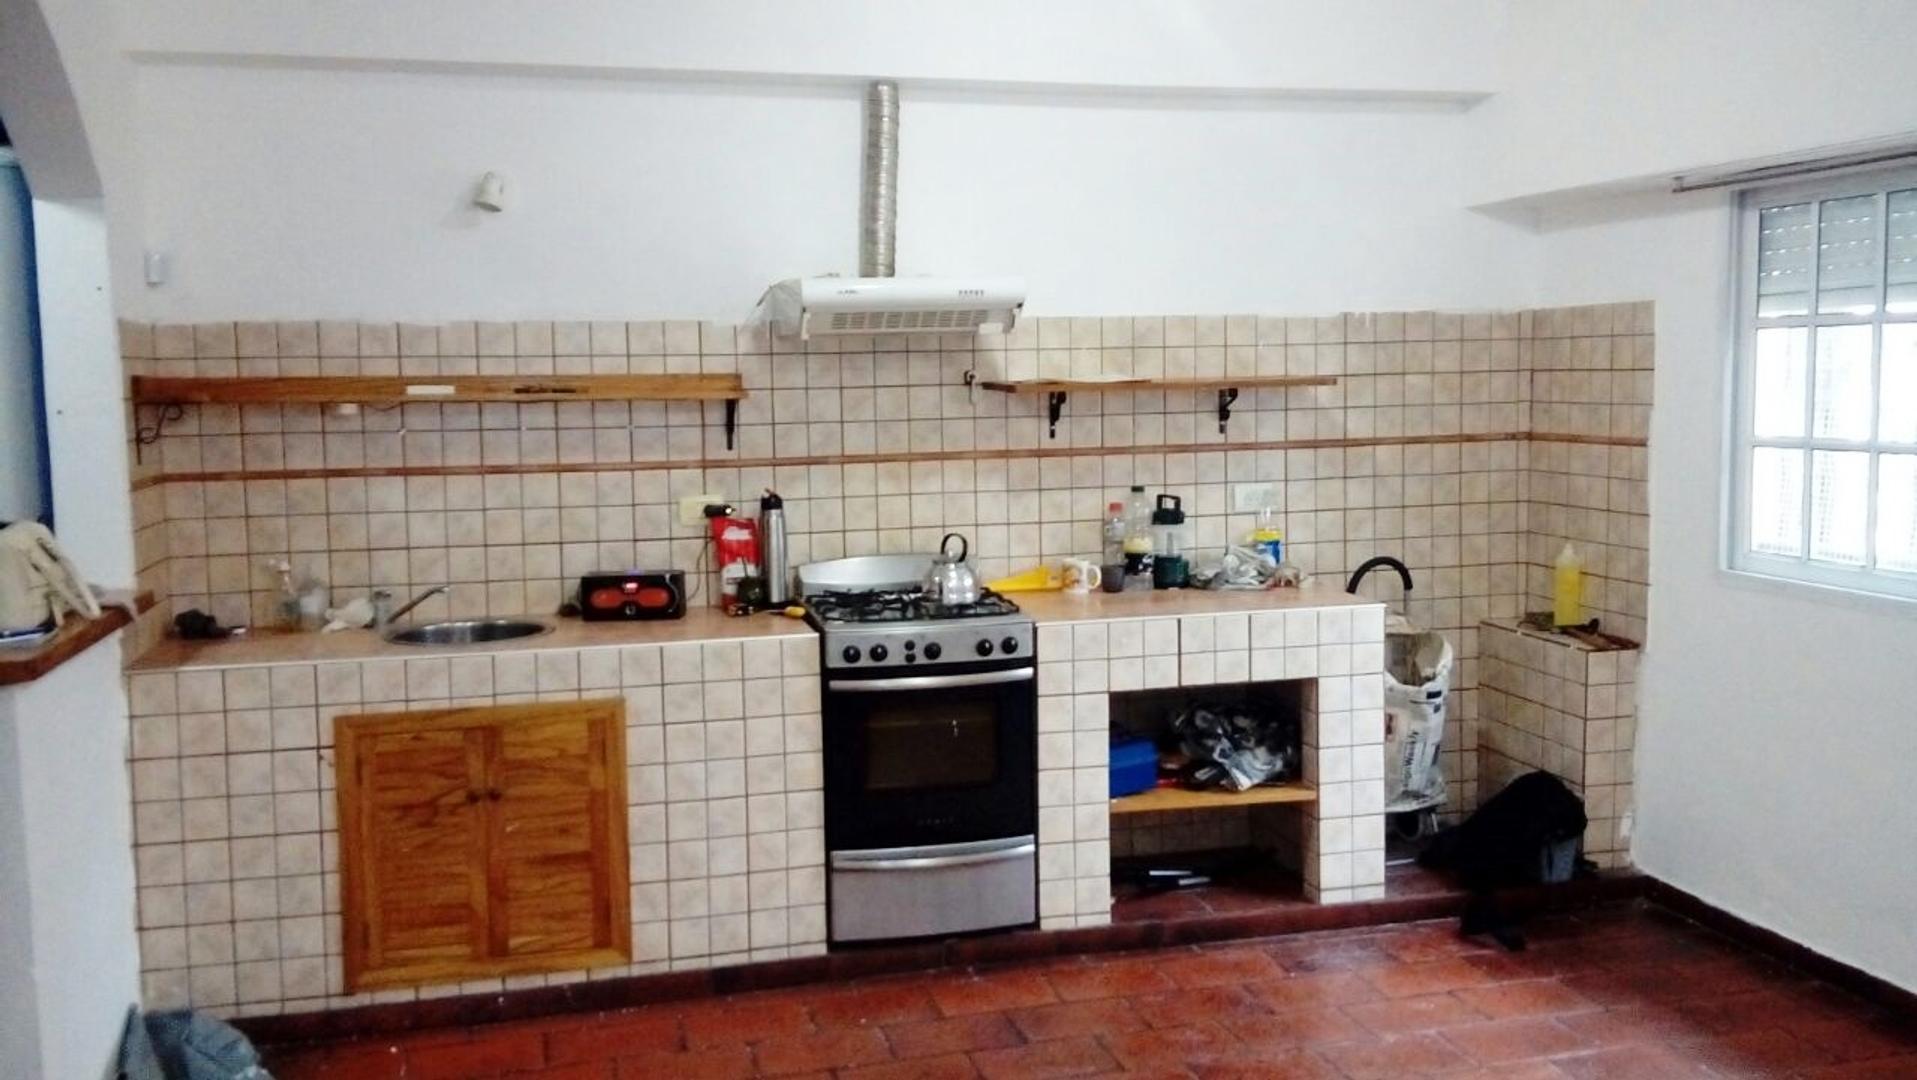 Casa con 2 dormitorios, garage y patio terraza, en Martín Coronado.